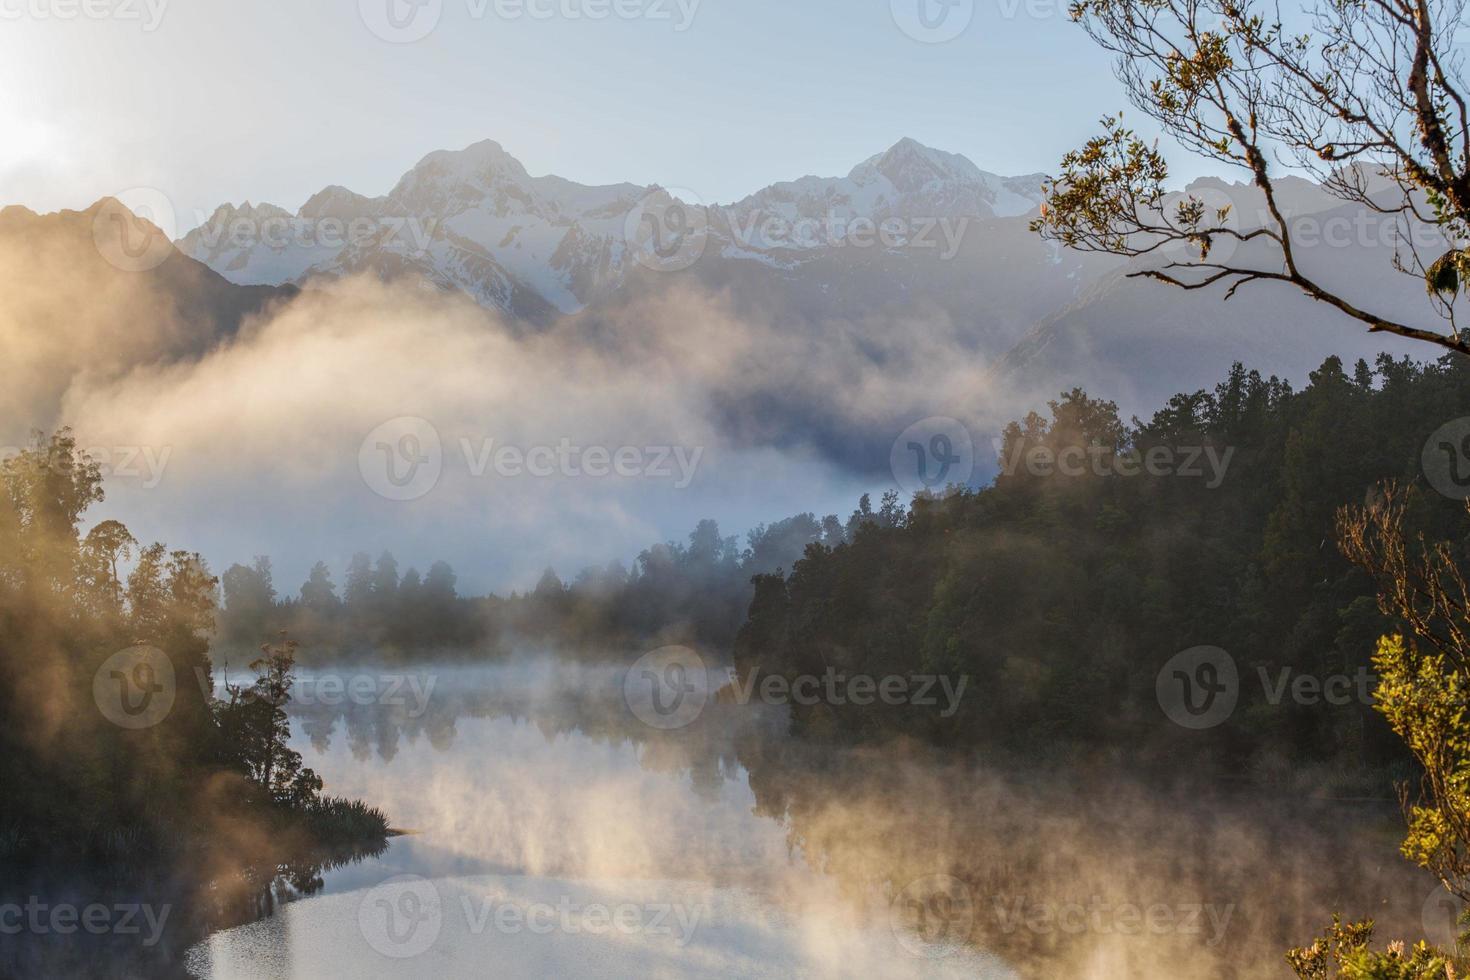 utsikt över södra alper från sjön Matheson, mist på morgonen foto